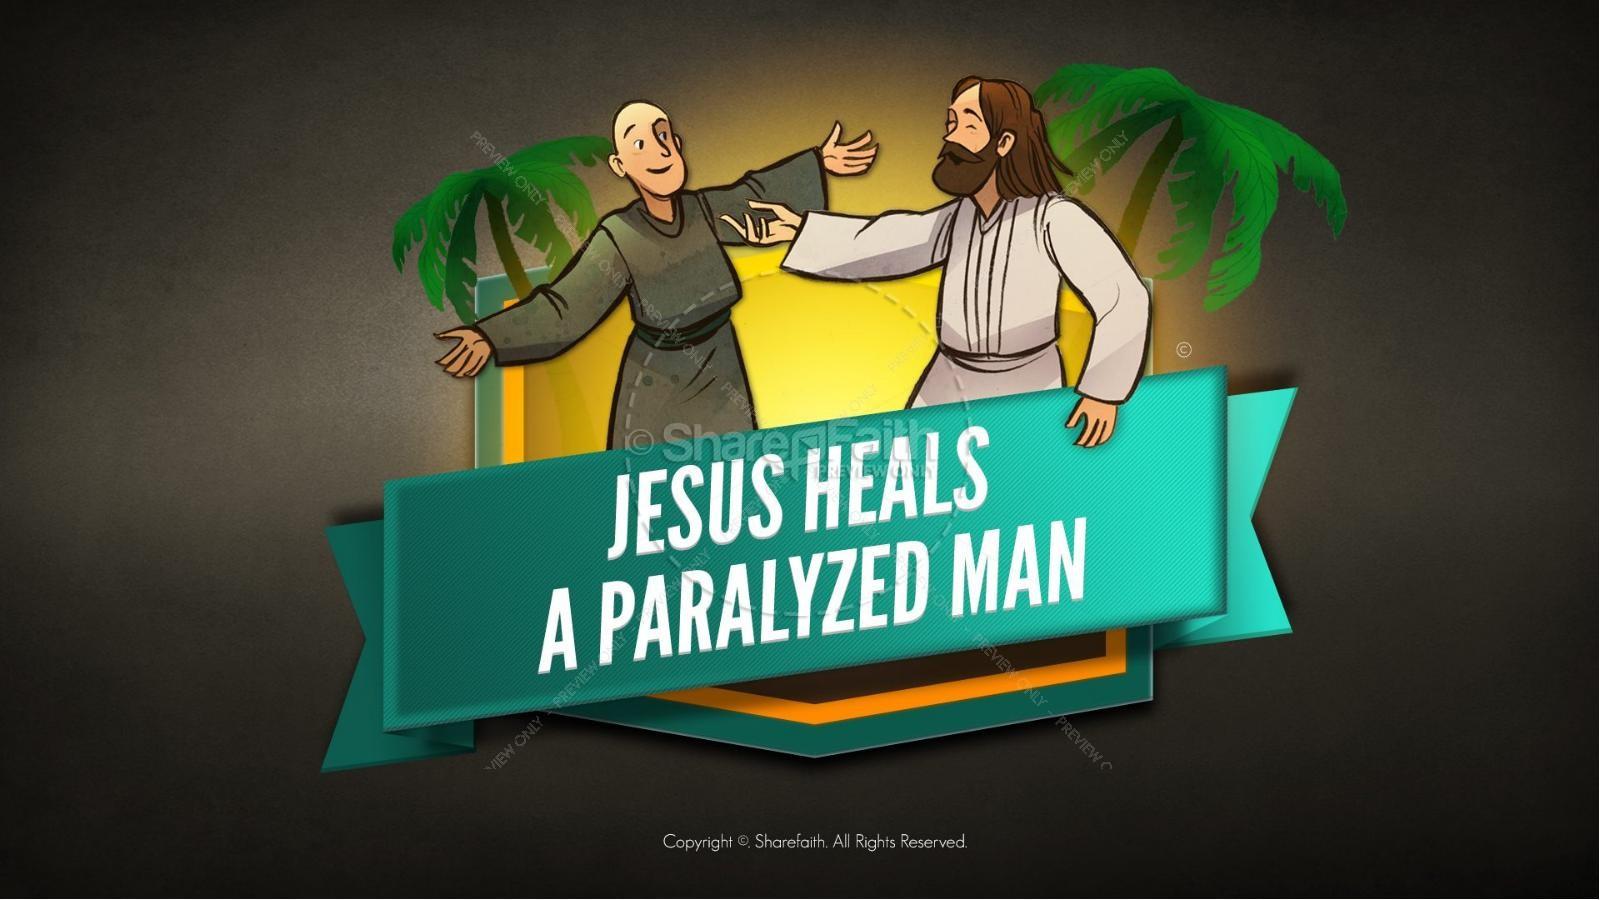 22KB 503x496 Heals miracles of